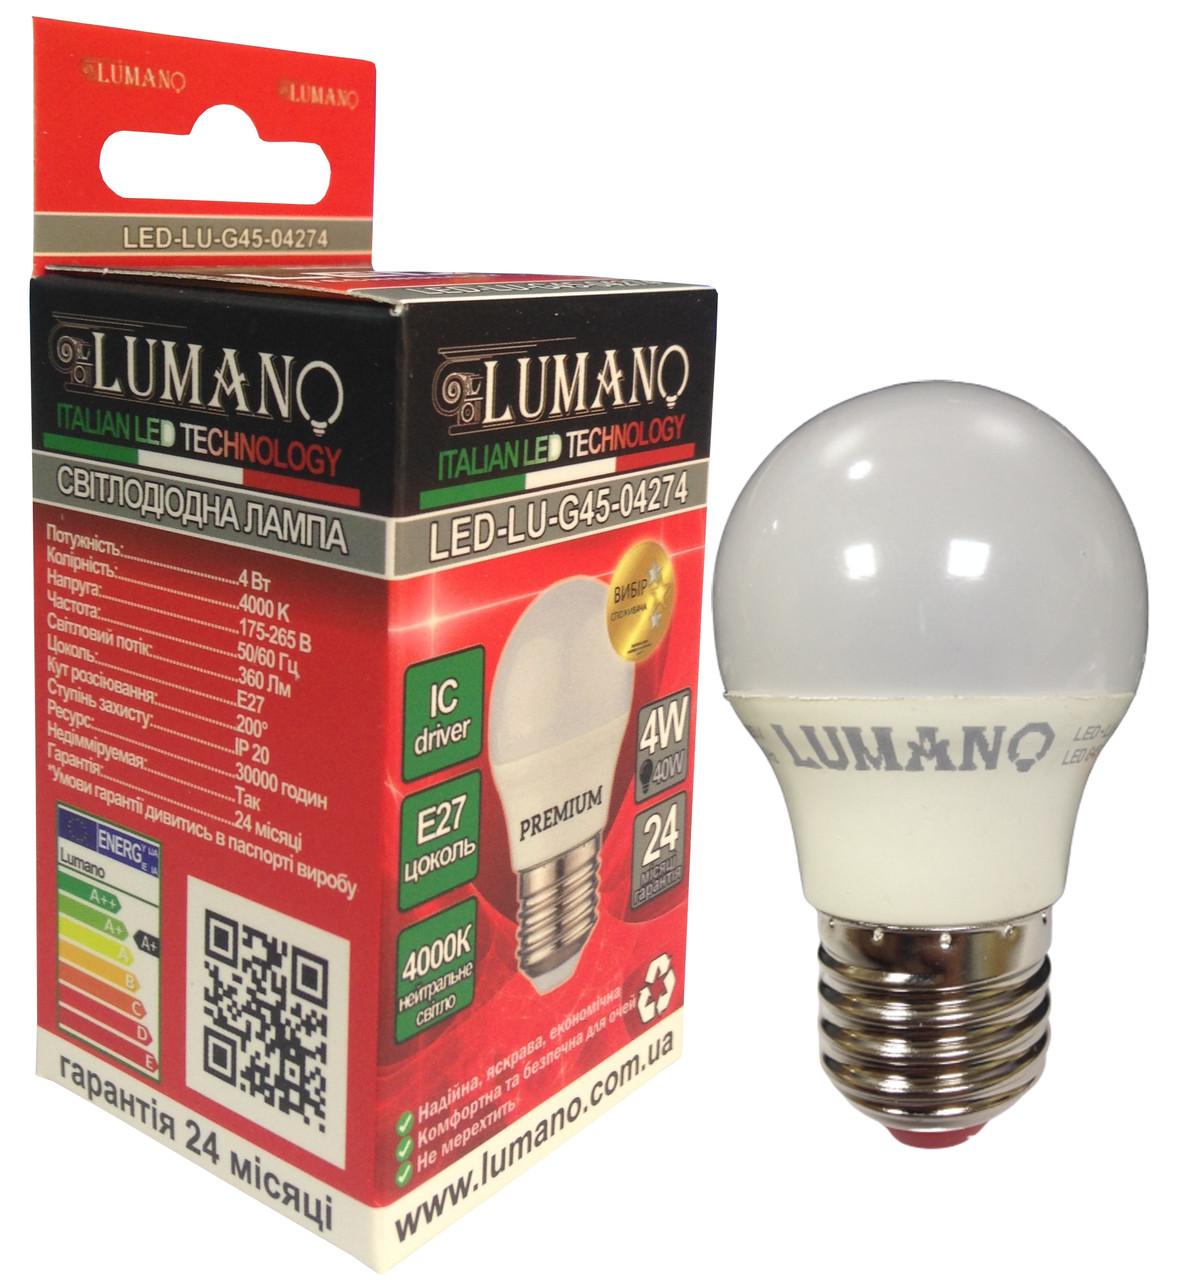 Лампа LED ДШ 4W-E27-4000K 360Lm LU-G45-04274 (100шт/ящ) (24міс.гарантії) TM LUMANO